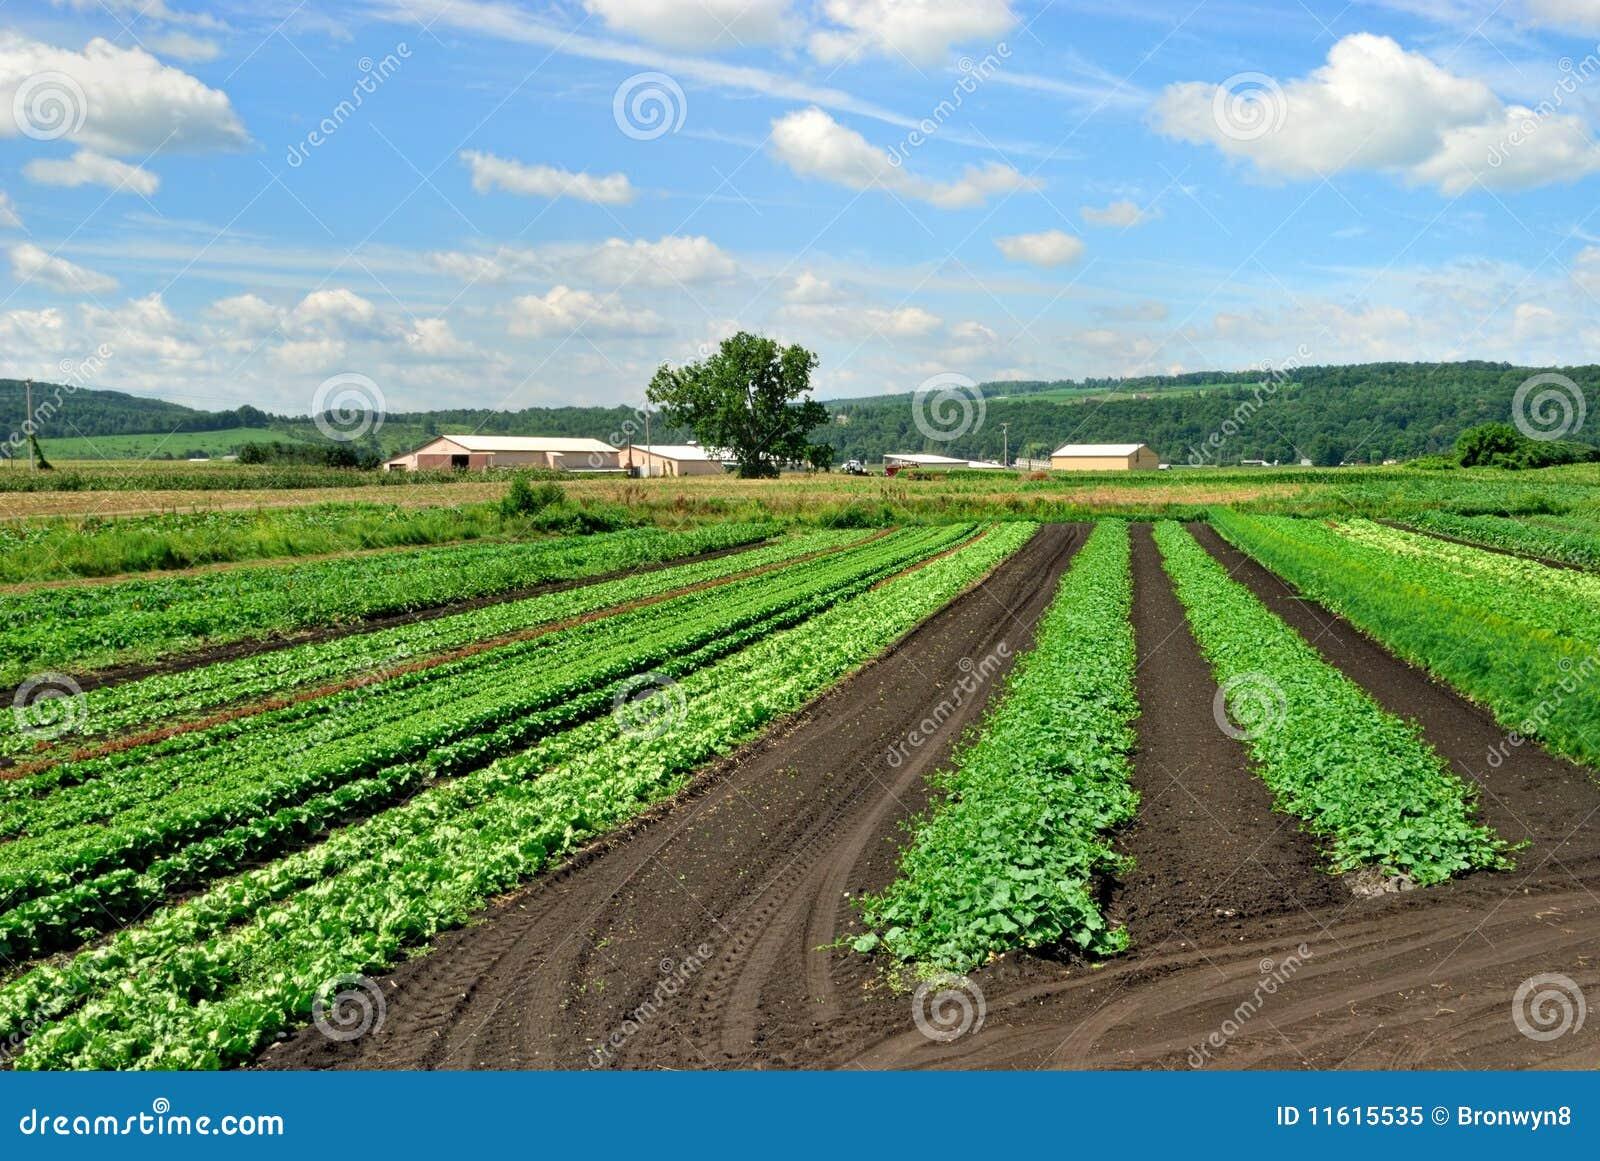 Lechuga e hierbas